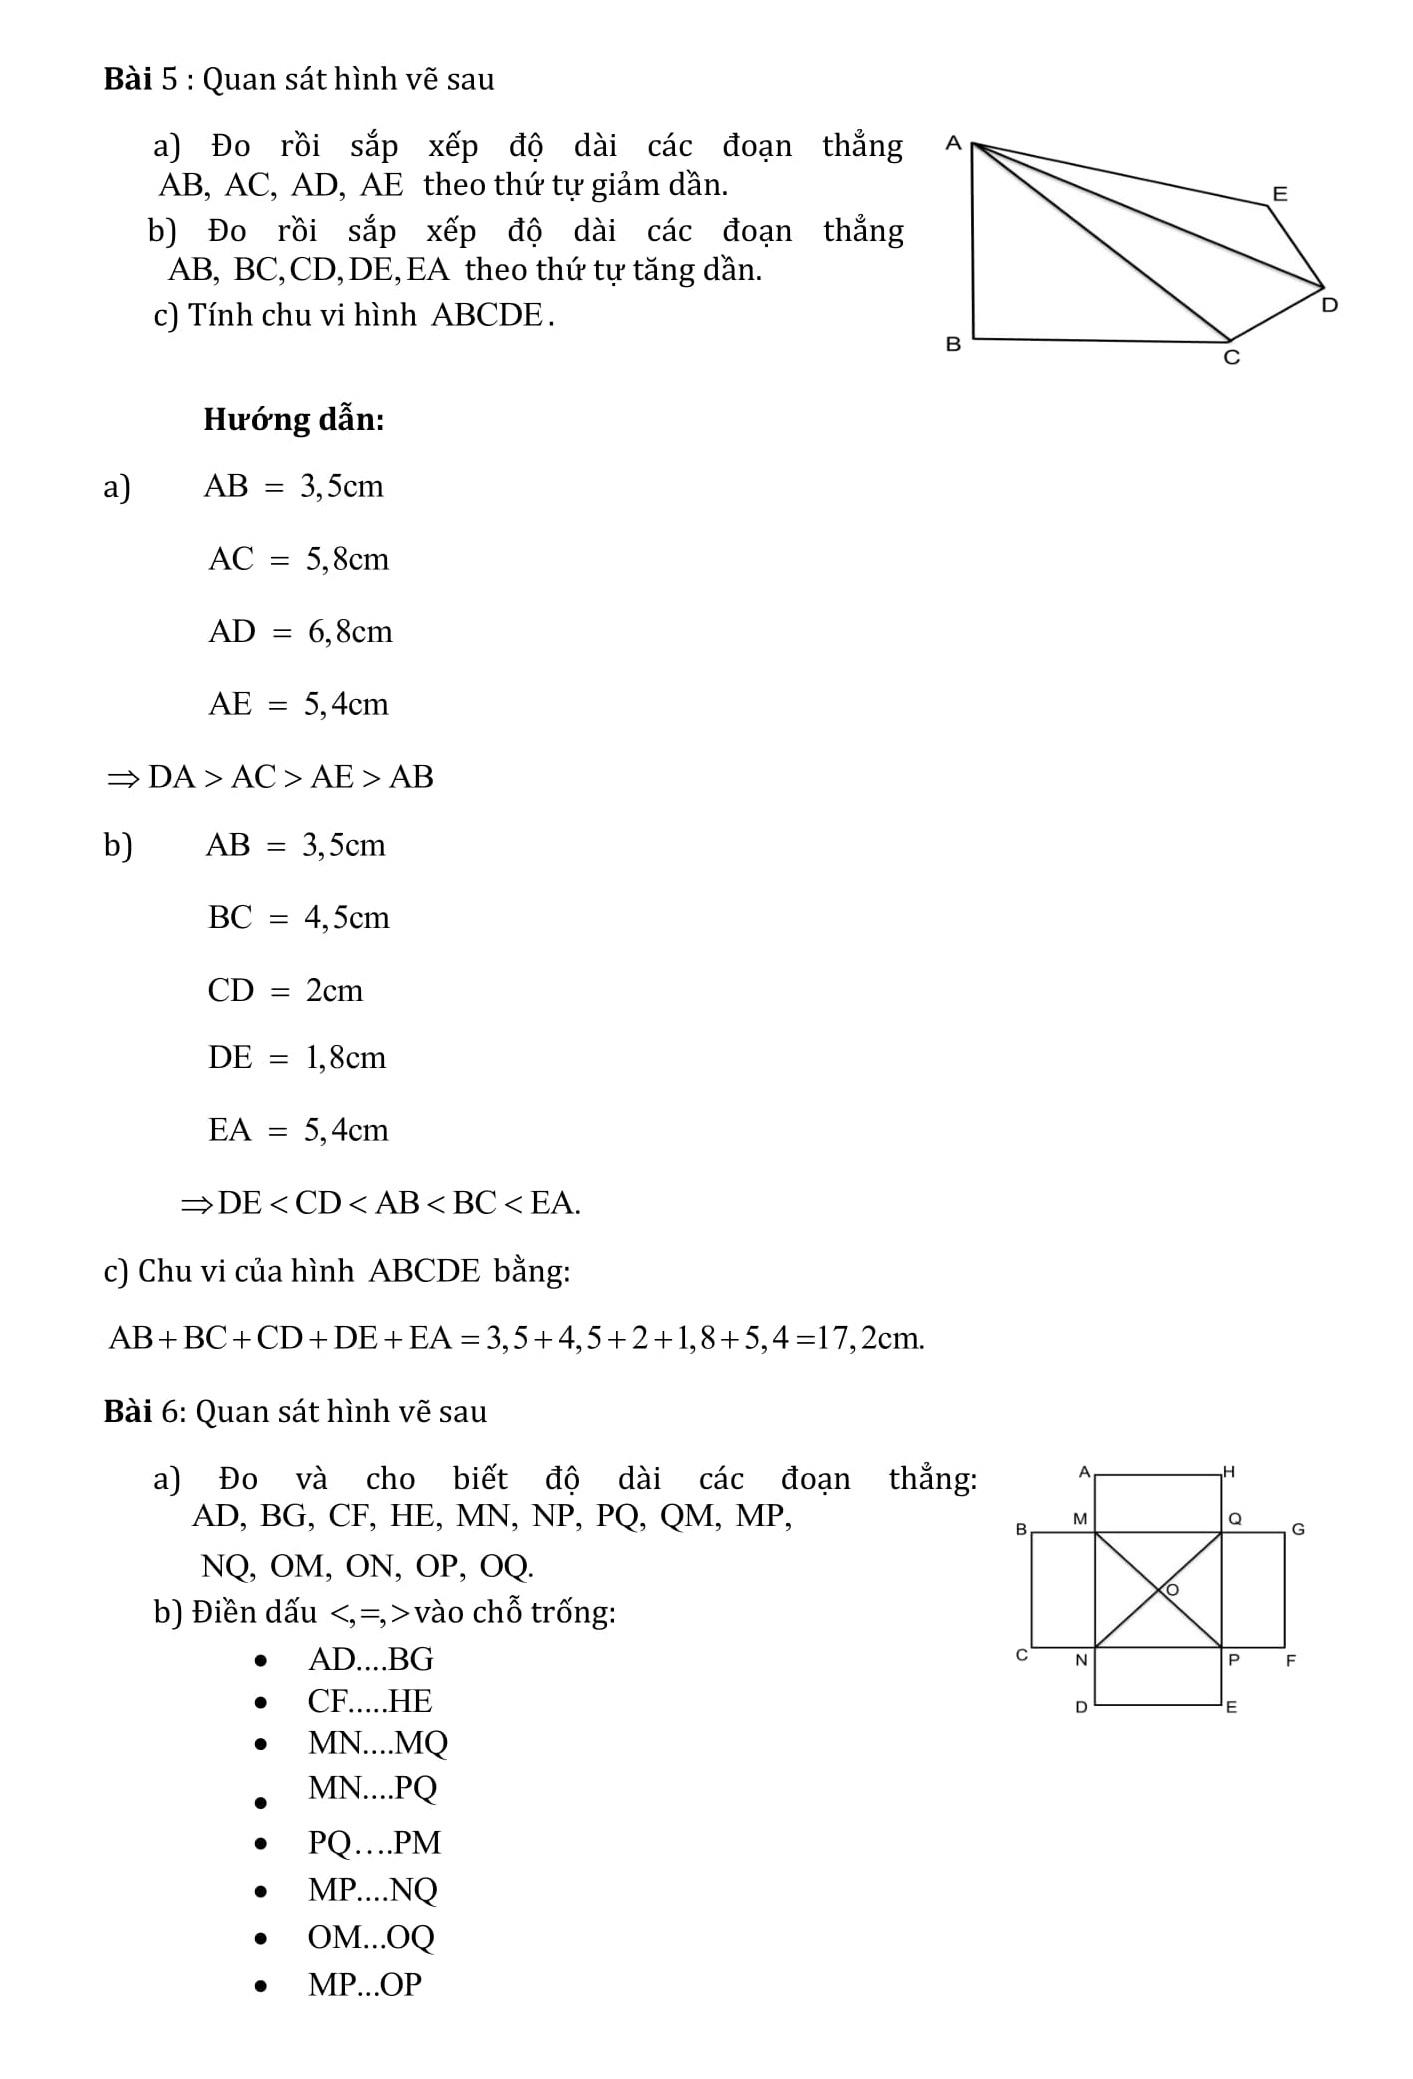 Phiếu bài tập Tuần 7 đến Tuần 14 - Toán hình 6 - Bản word